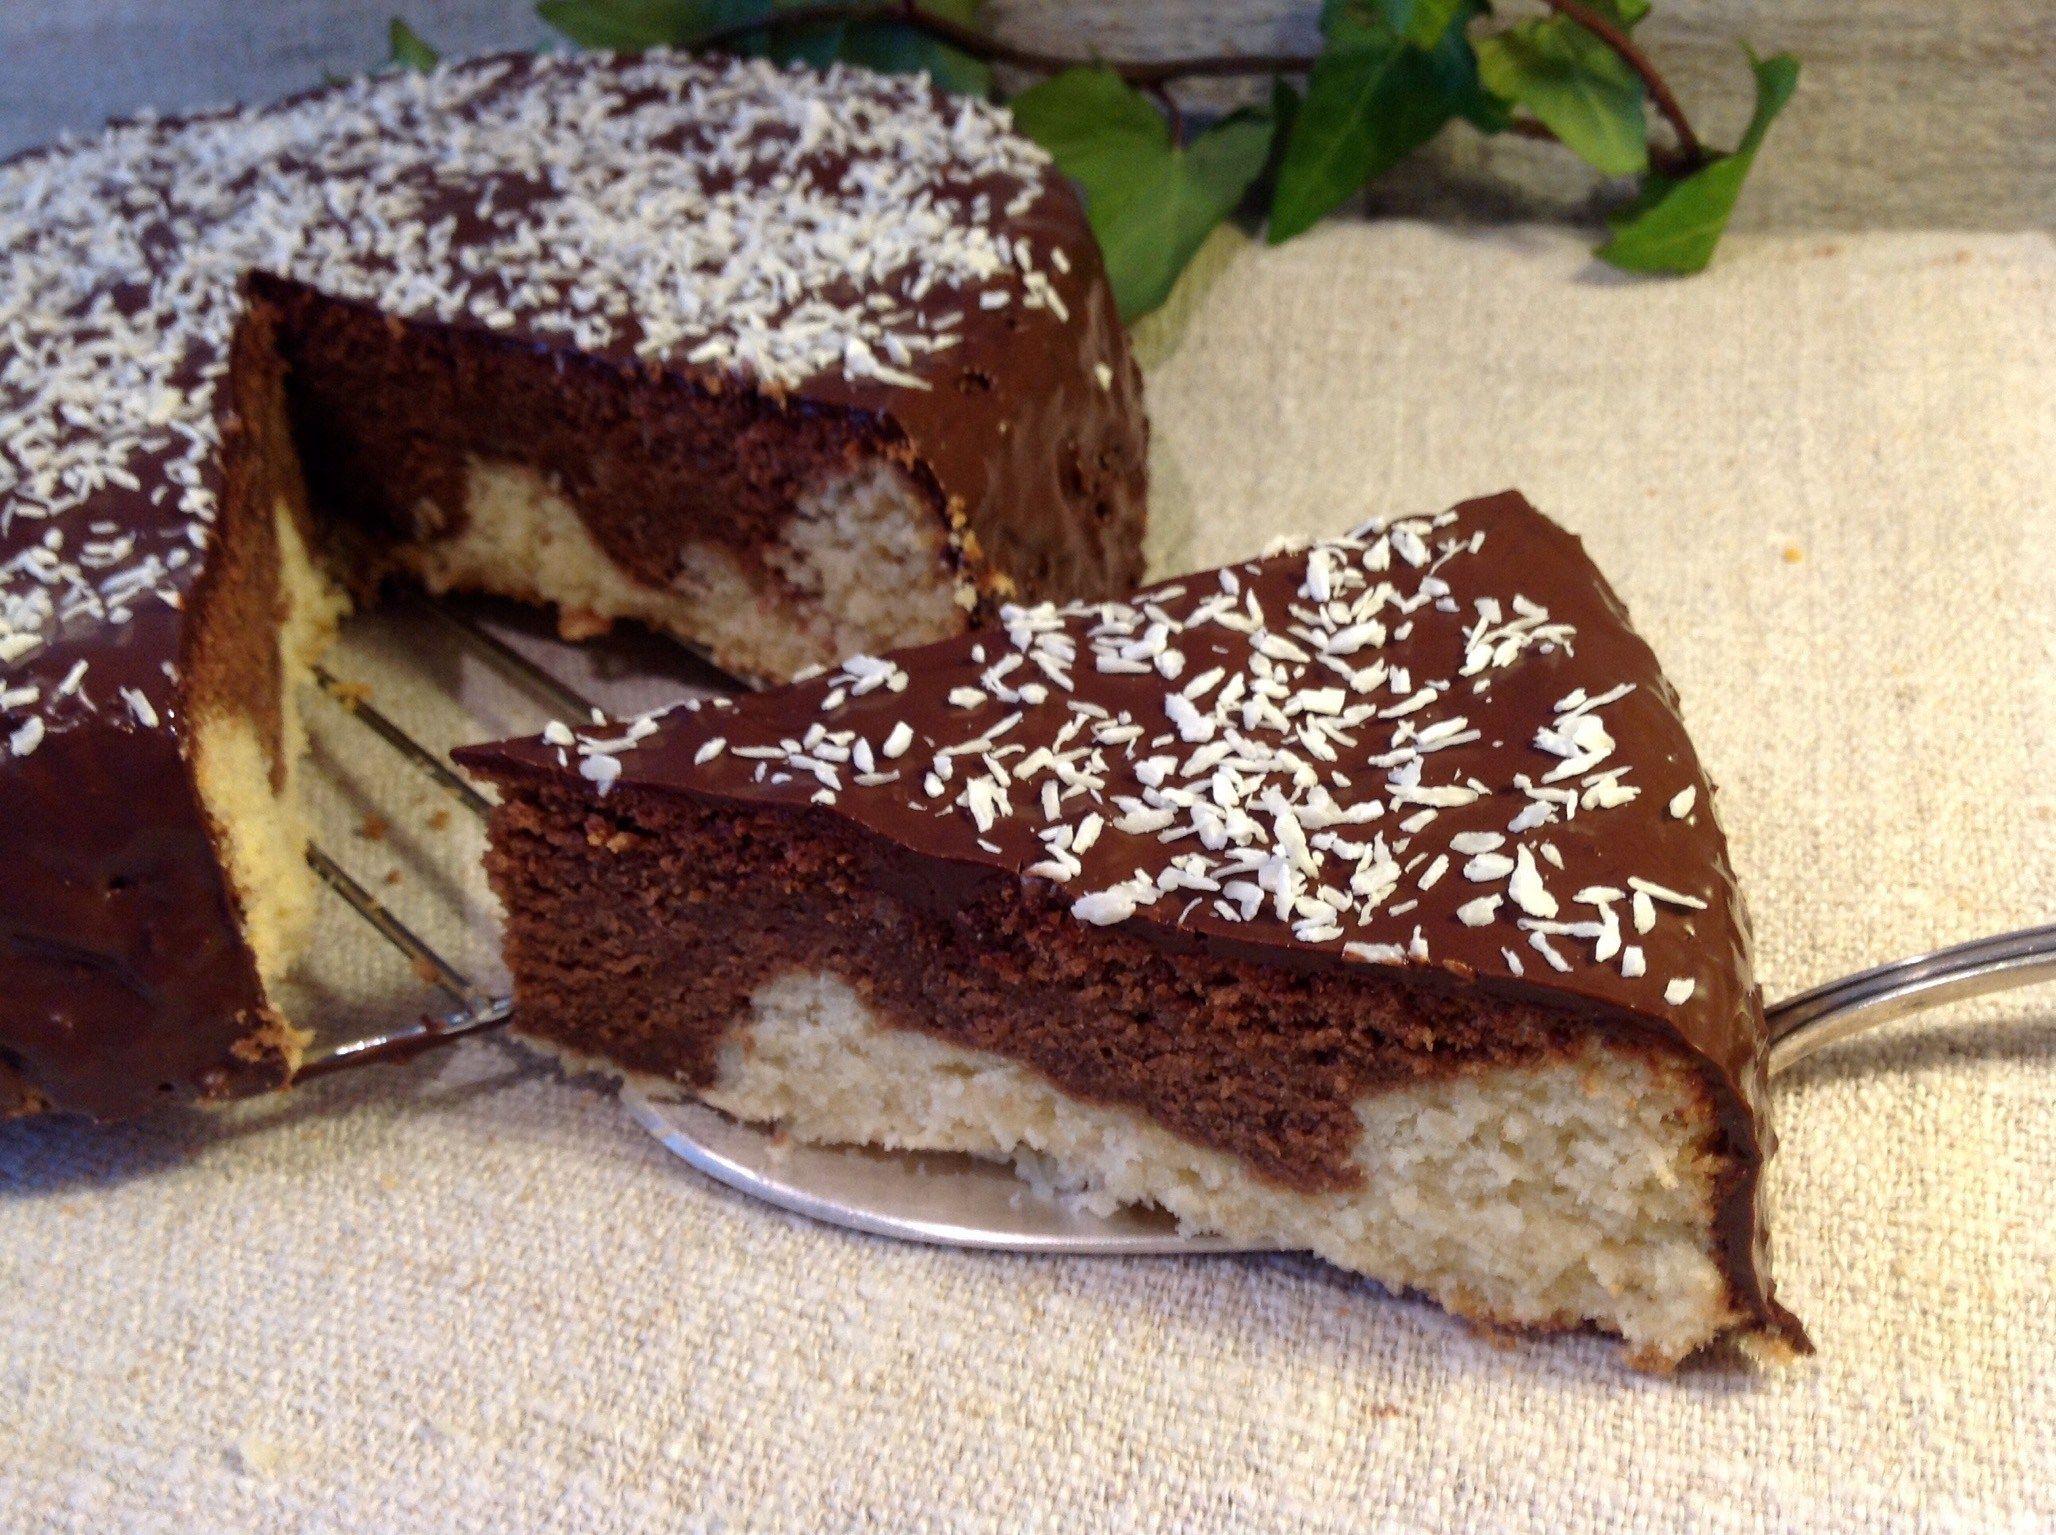 Für alle Kokosliebhaber ist ser Kuchen genau der Richtige Ein herrlich saftiger Kuchen mit Kokosmilch Kokosraspeln und einem Schokoladenüberzug